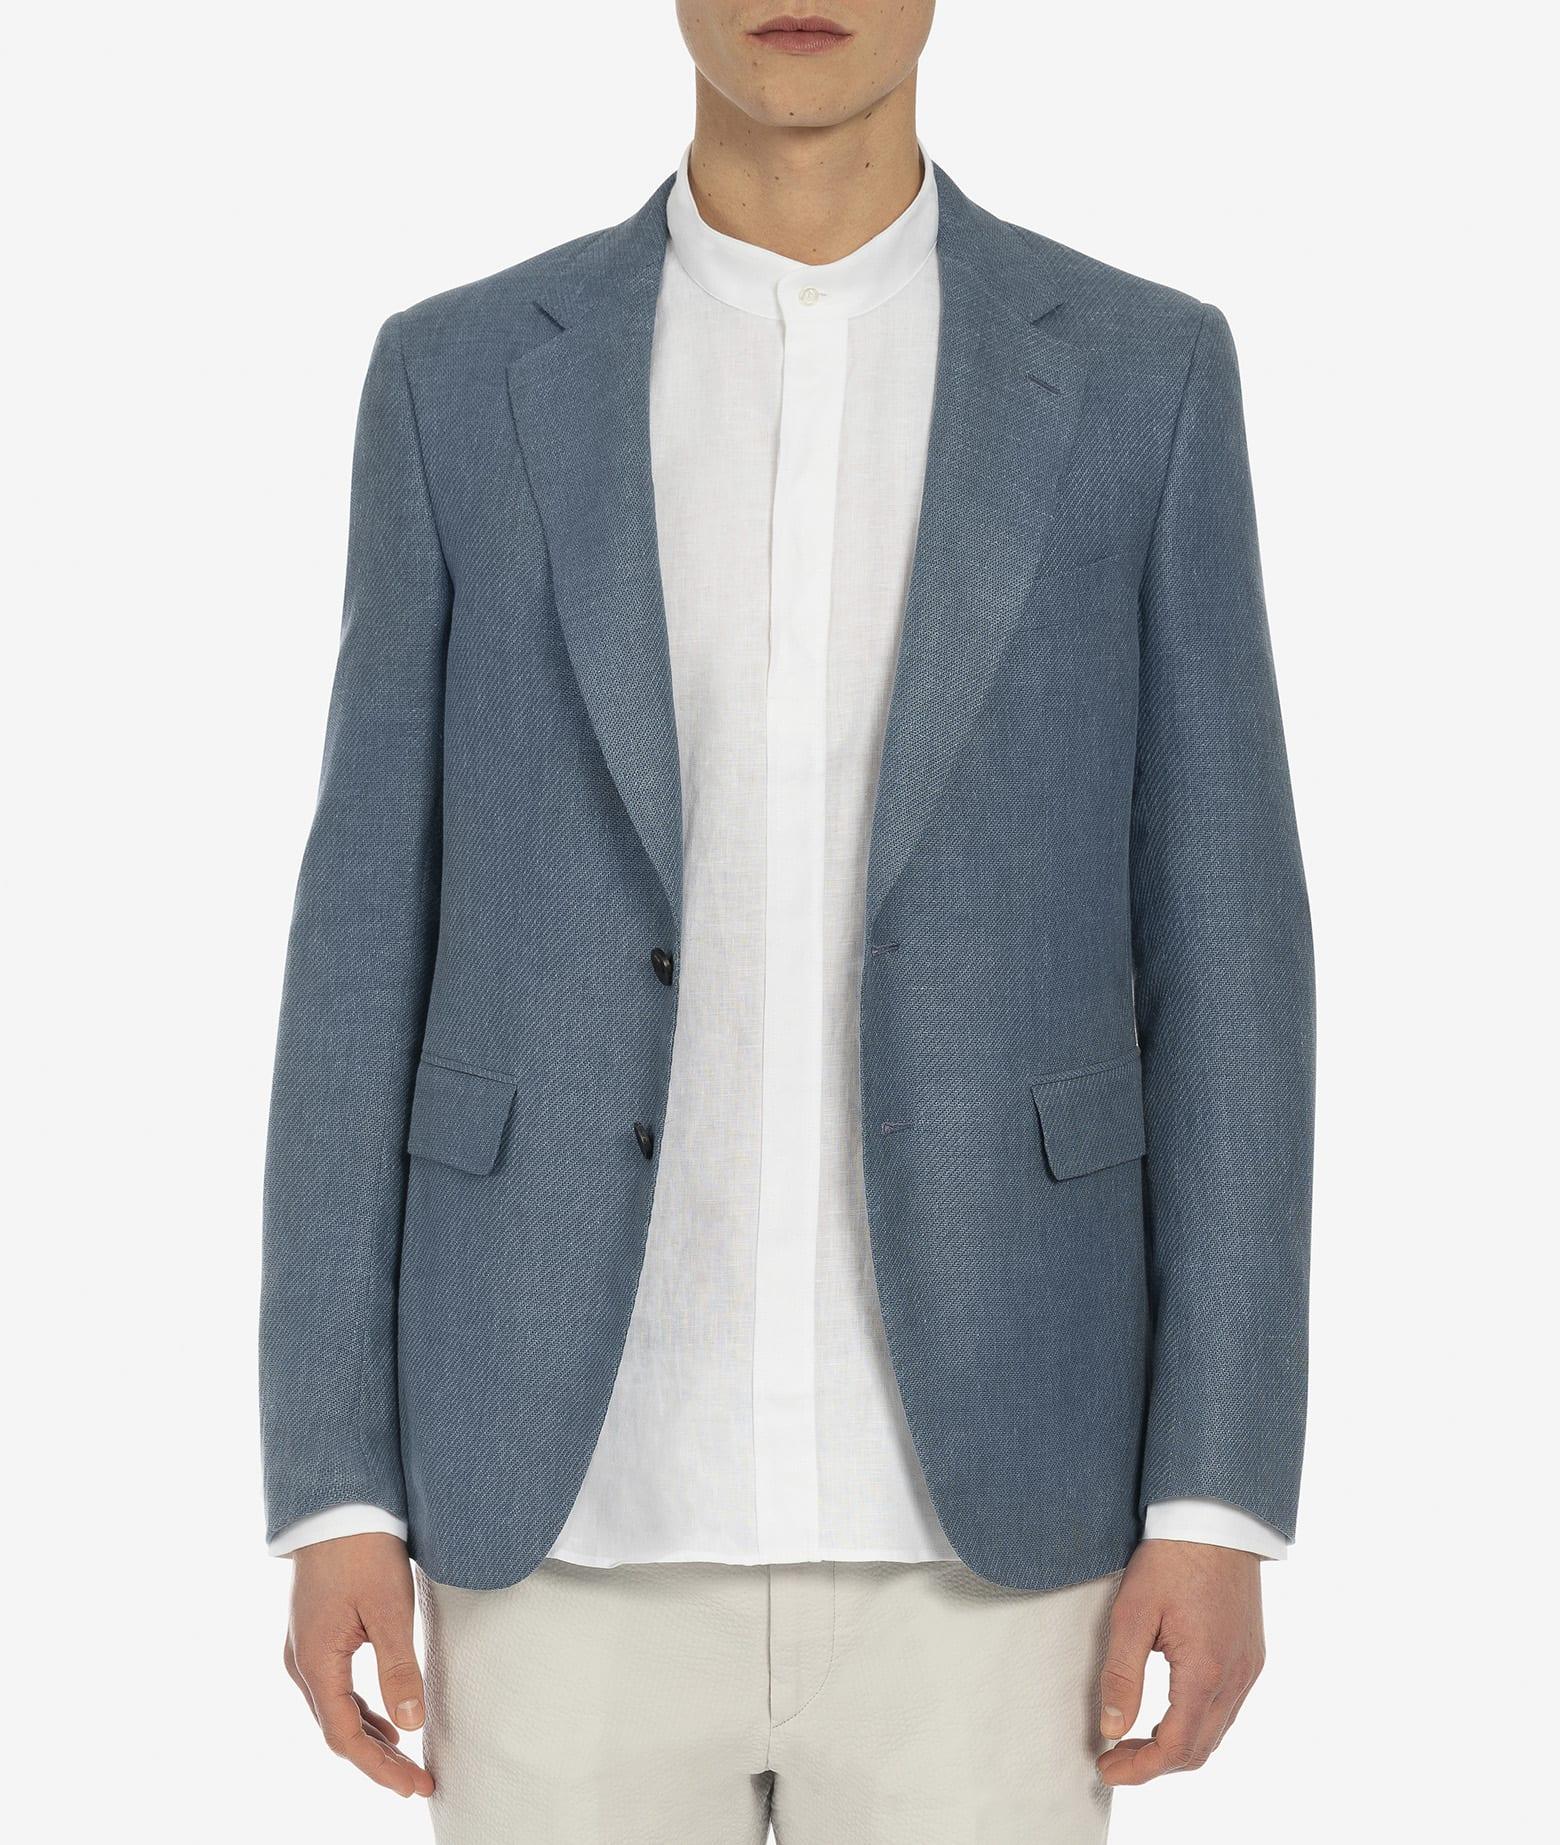 godard Tailored Jacket